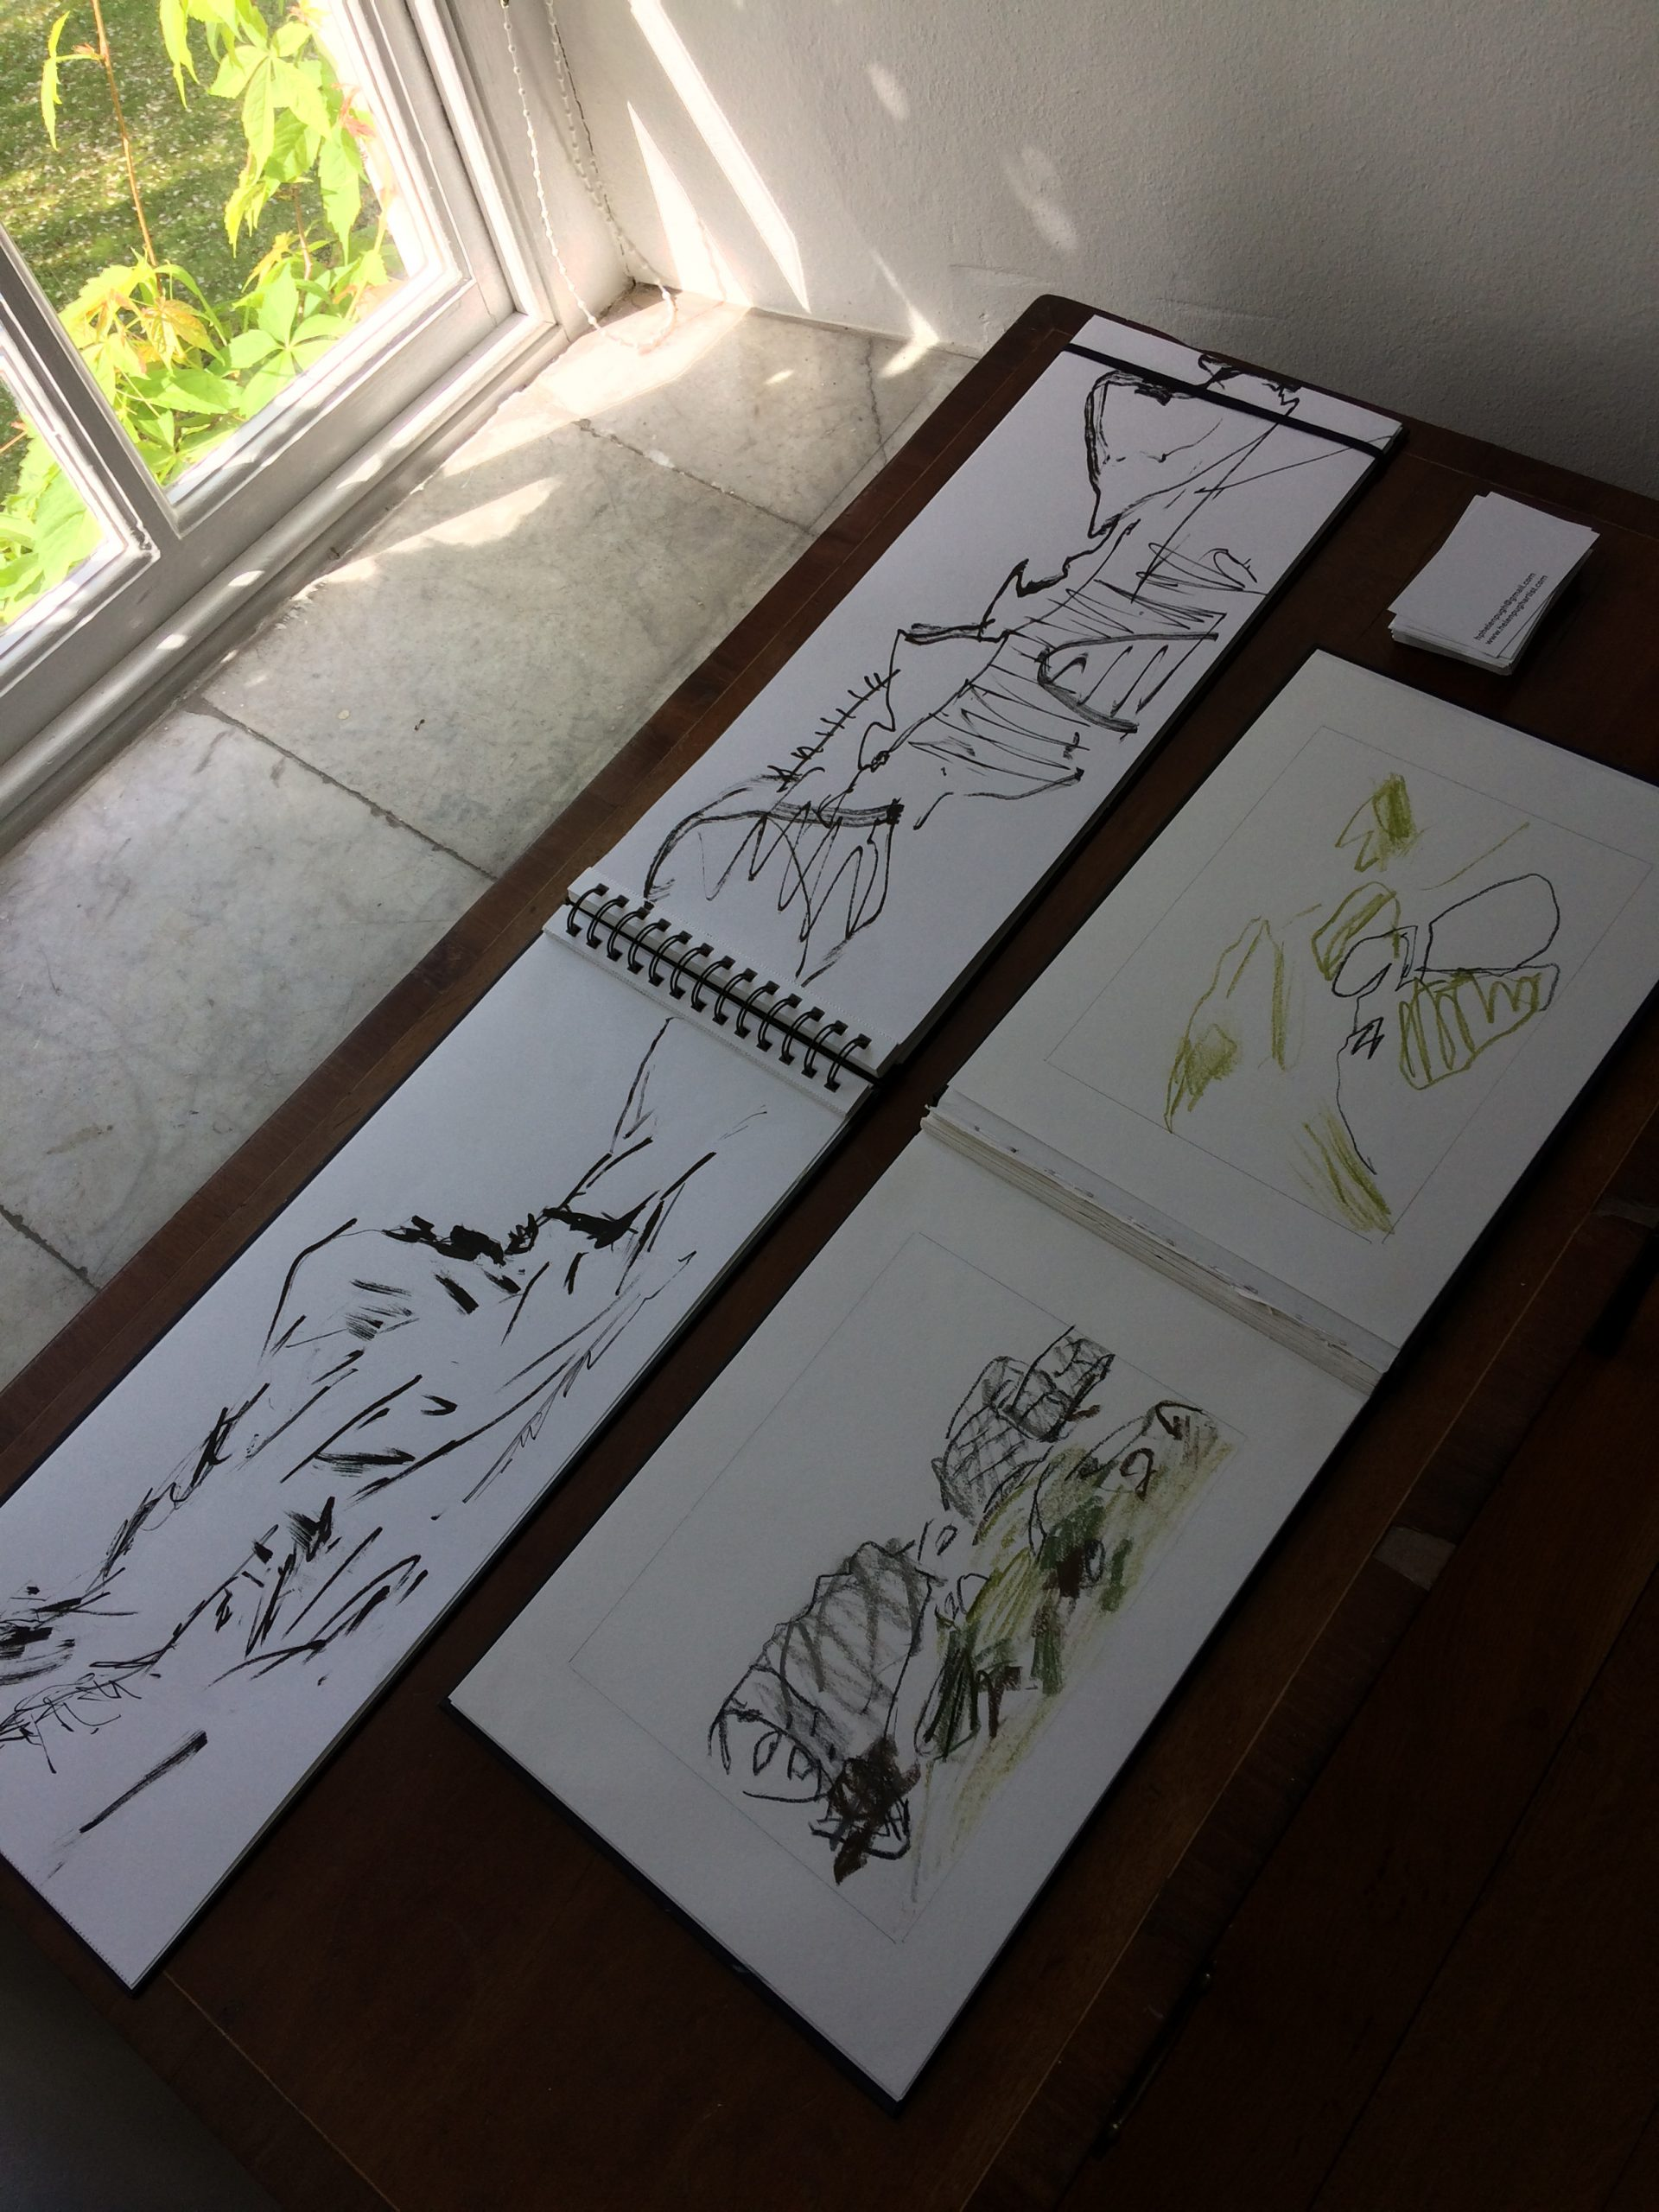 Helen Pugh - Oriel Brondanw sketchbook